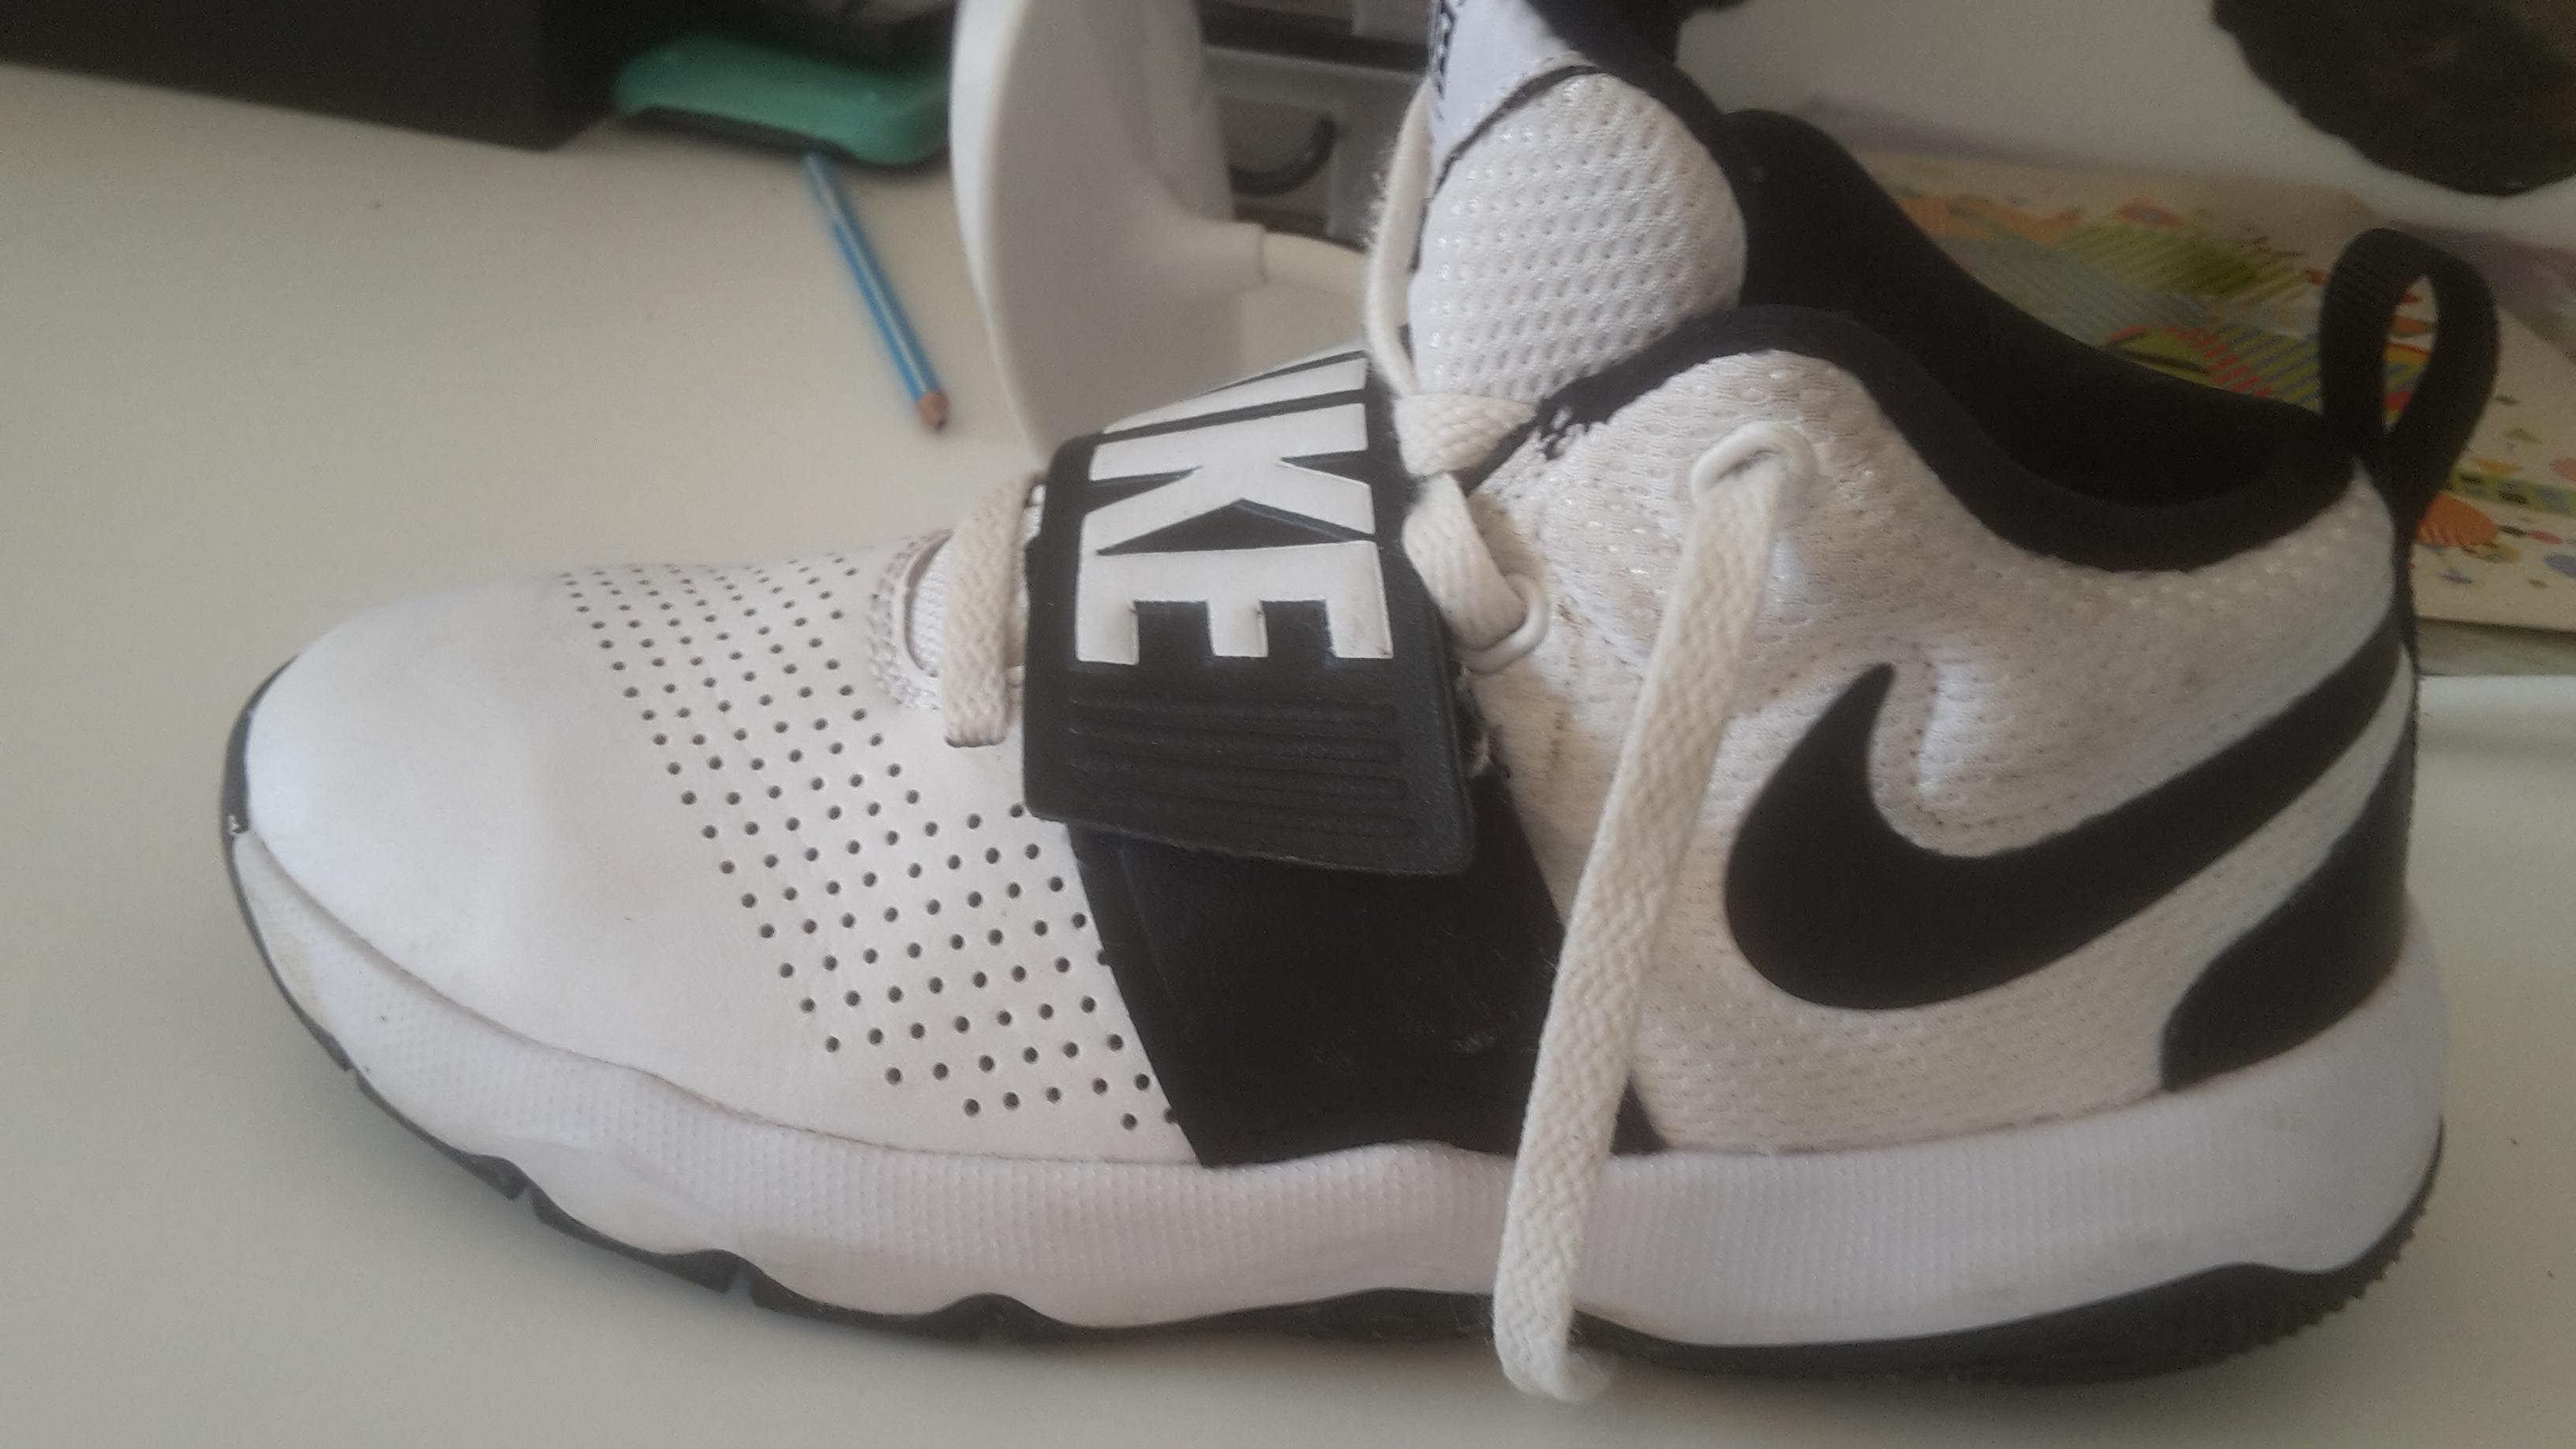 troc de troc chaussures nike image 1